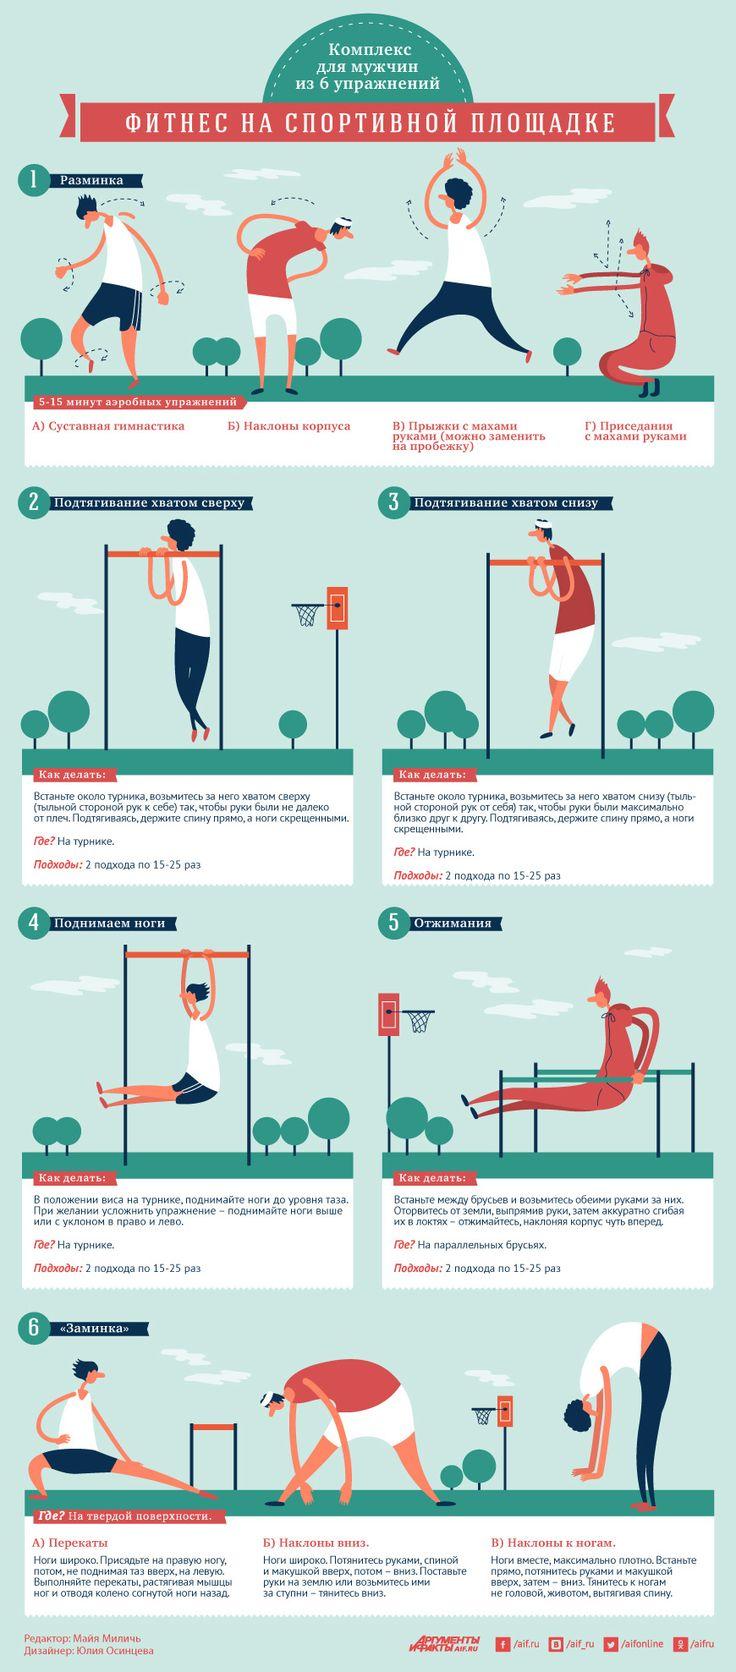 Тренировки Для Мужчин Сбросить Вес. Эффективные упражнения для похудения для мужчин. Принципы правильного питания и упражнения для похудения для мужчин – здесь!